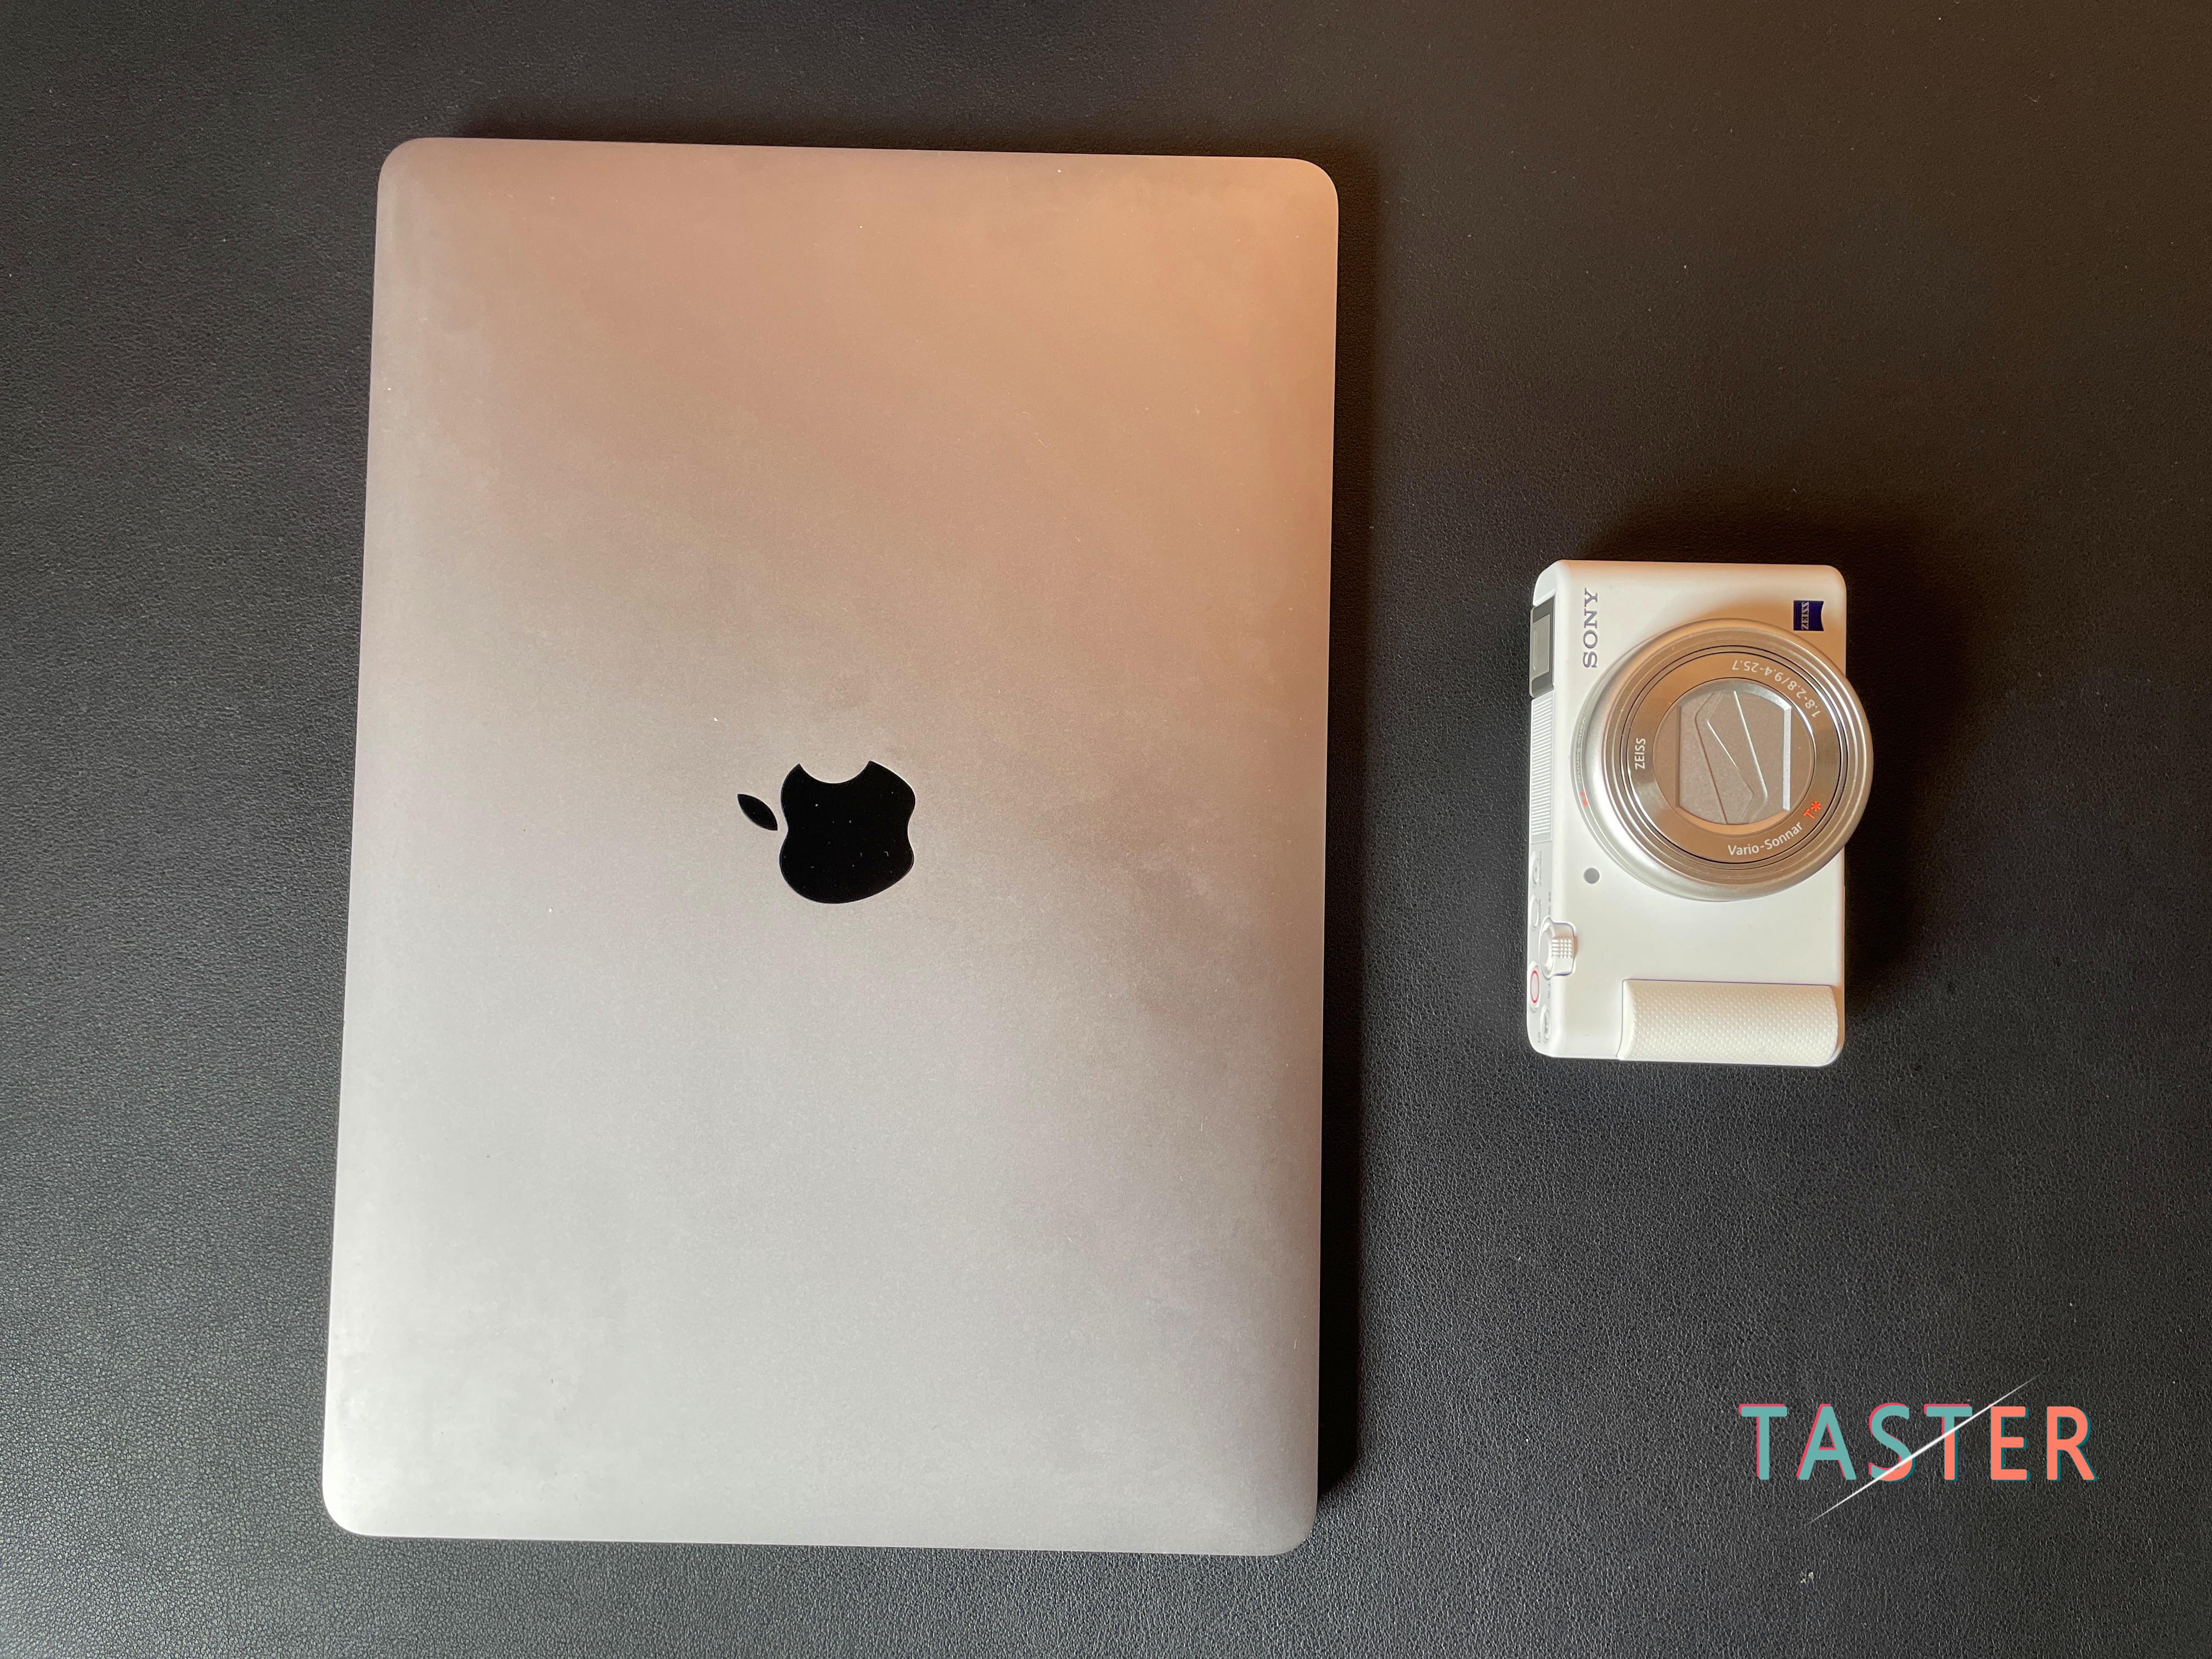 苹果笔记本适不适合普通人?我花了15000,和大家说下心里话